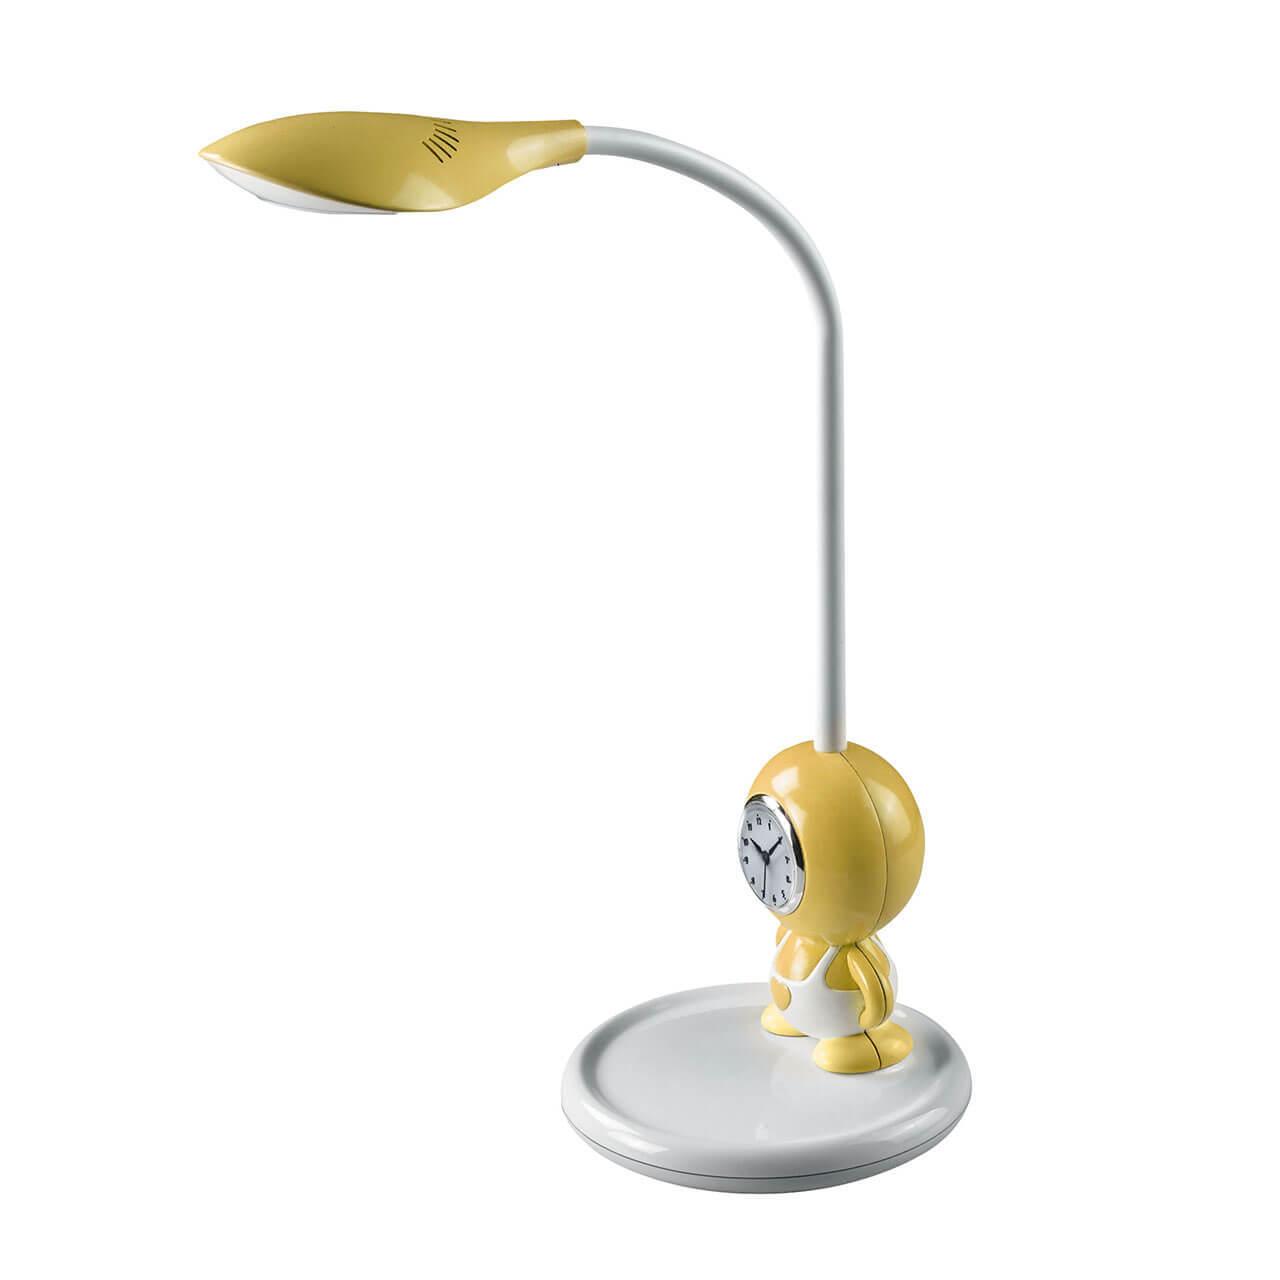 Настольная лампа Horoz 049-009-0005 Merve